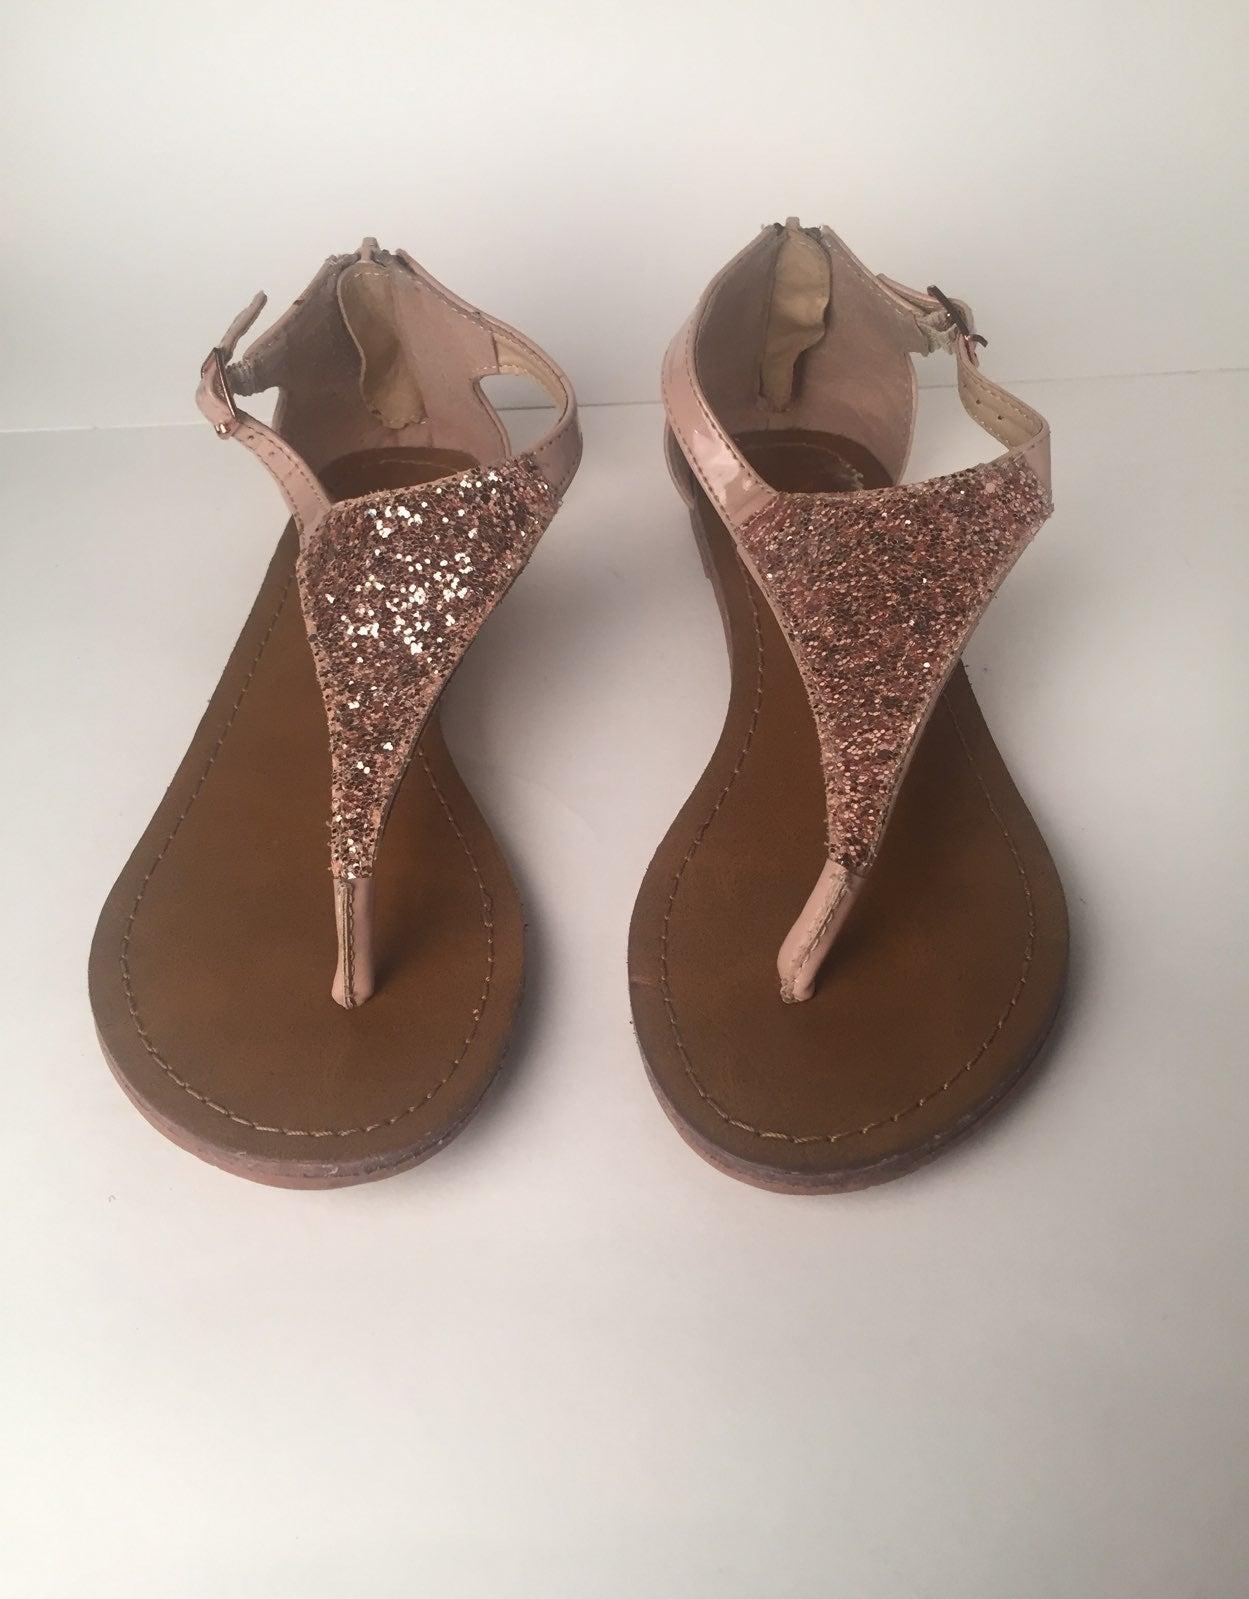 XOXO Sandals Women's Shoes Size 7